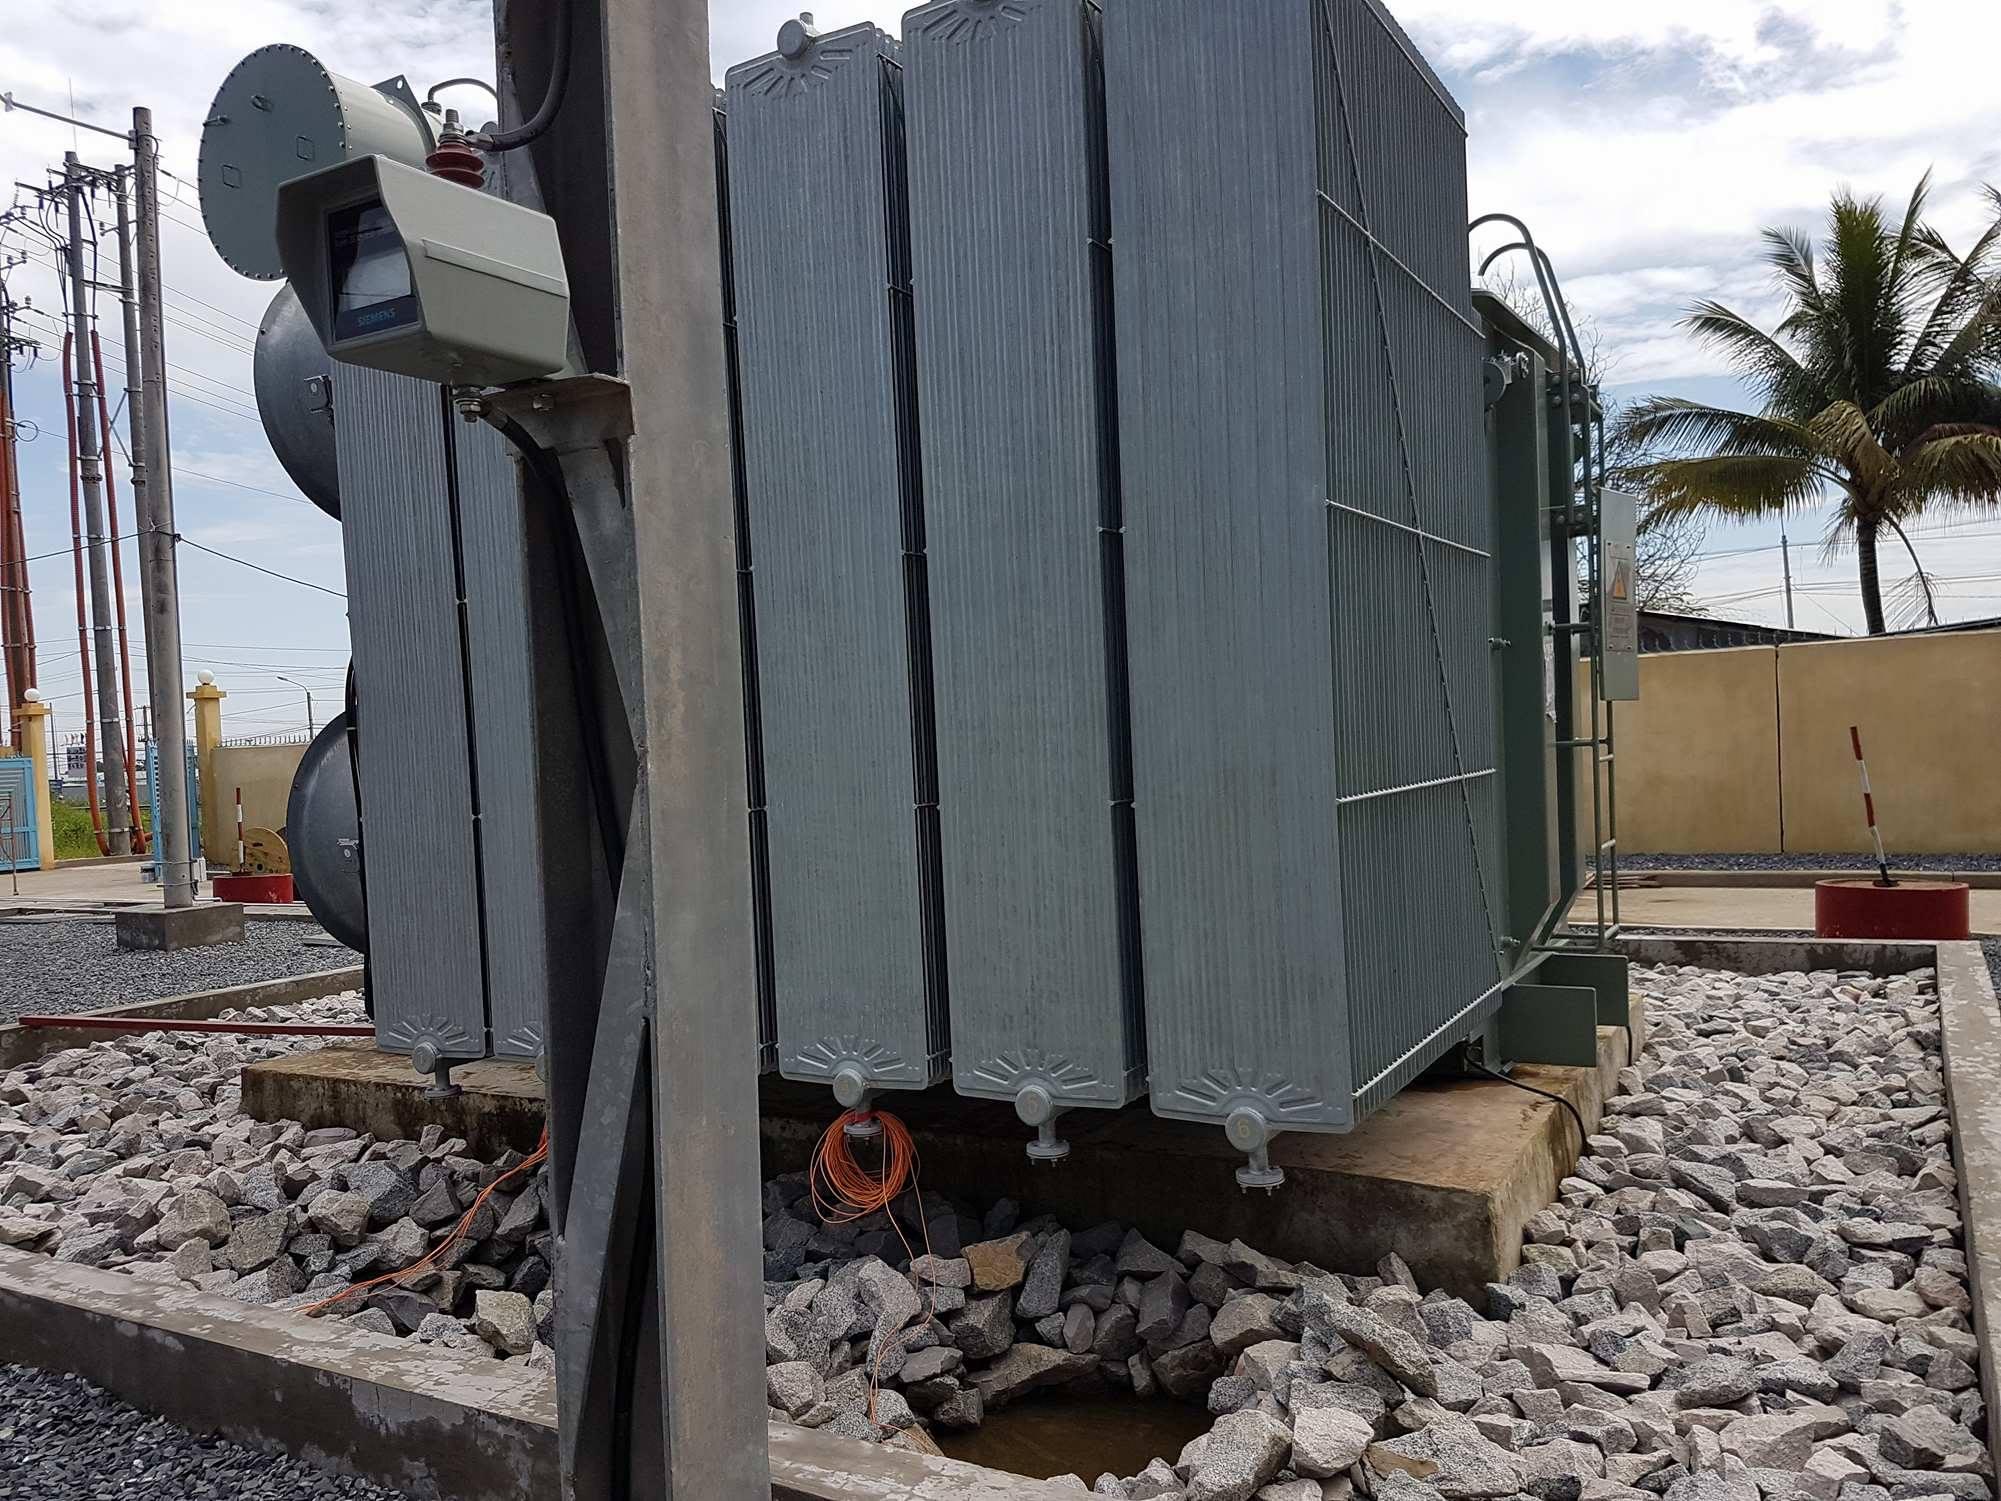 Vị trí lắp đặt đầu báo nhiệt chống nổ cho máy biến áp